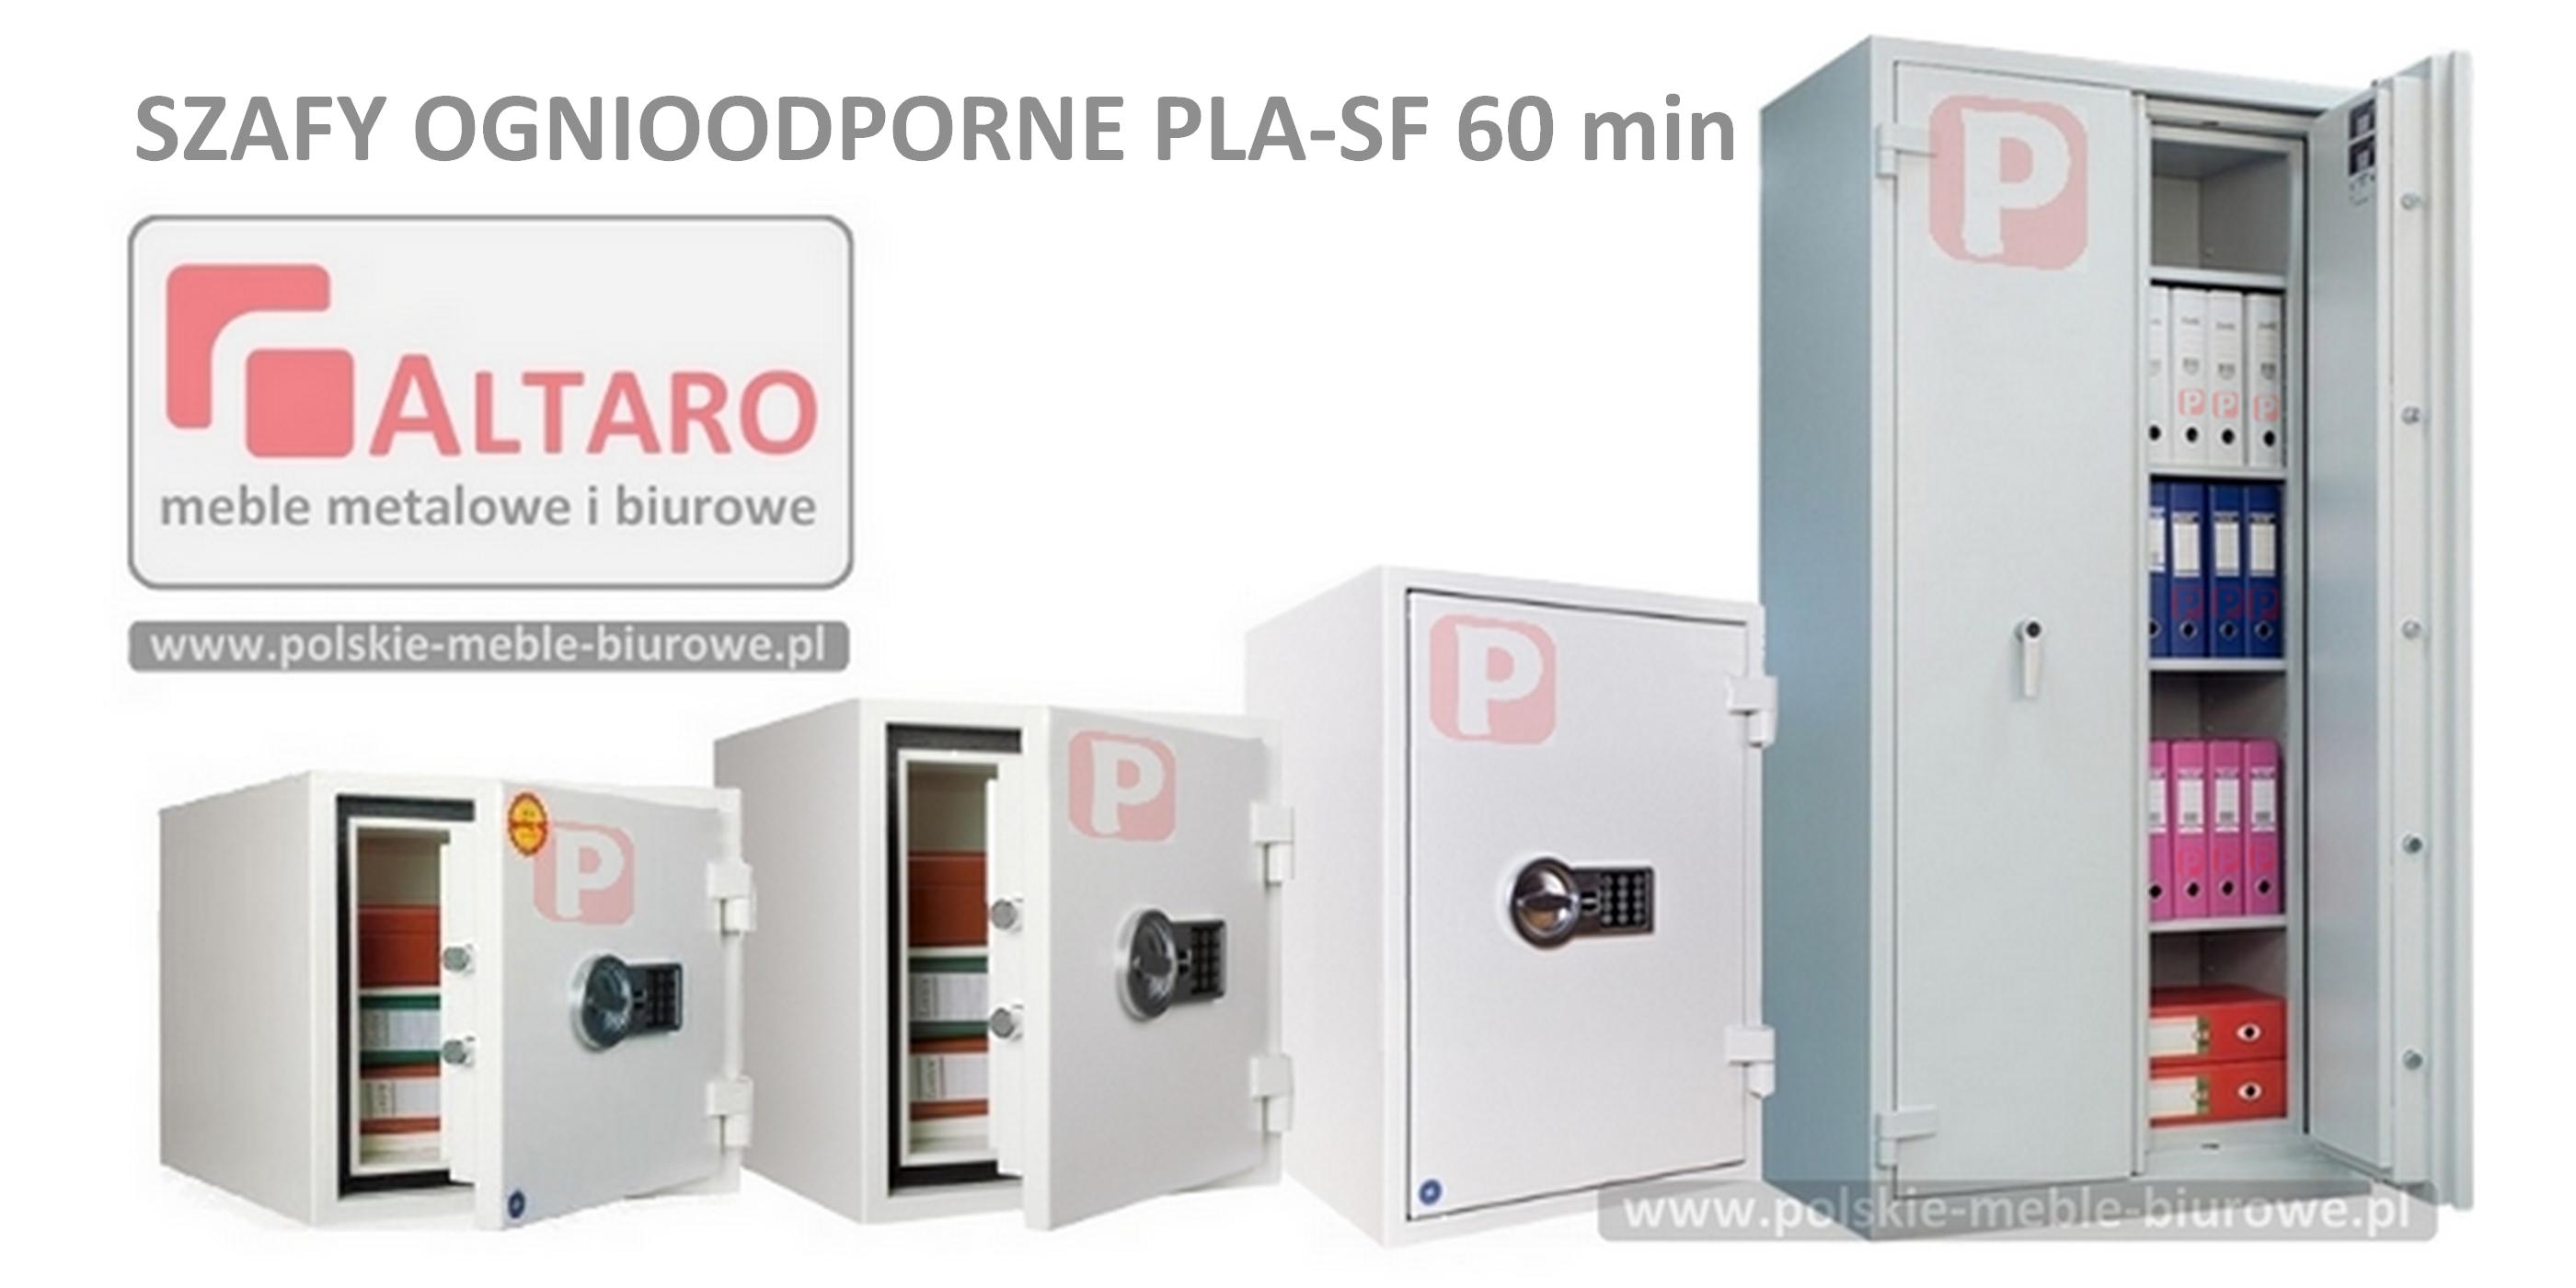 szafy ognioodporne PLA-SF 60 min metalowe ogniotrwałe